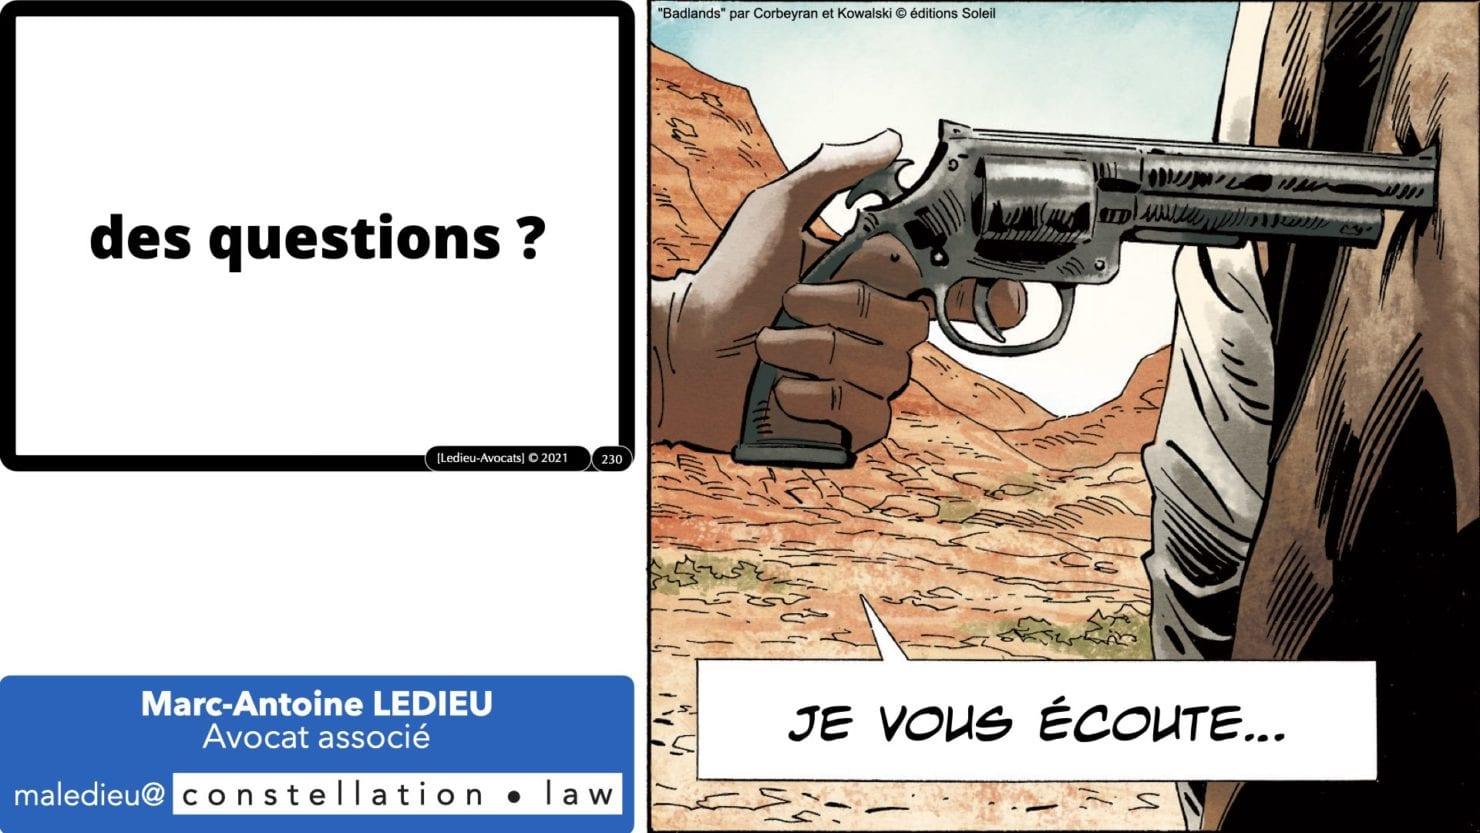 333 CYBER ATTAQUE responsabilité pénale civile contrat © Ledieu-Avocats 23-05-2021.230